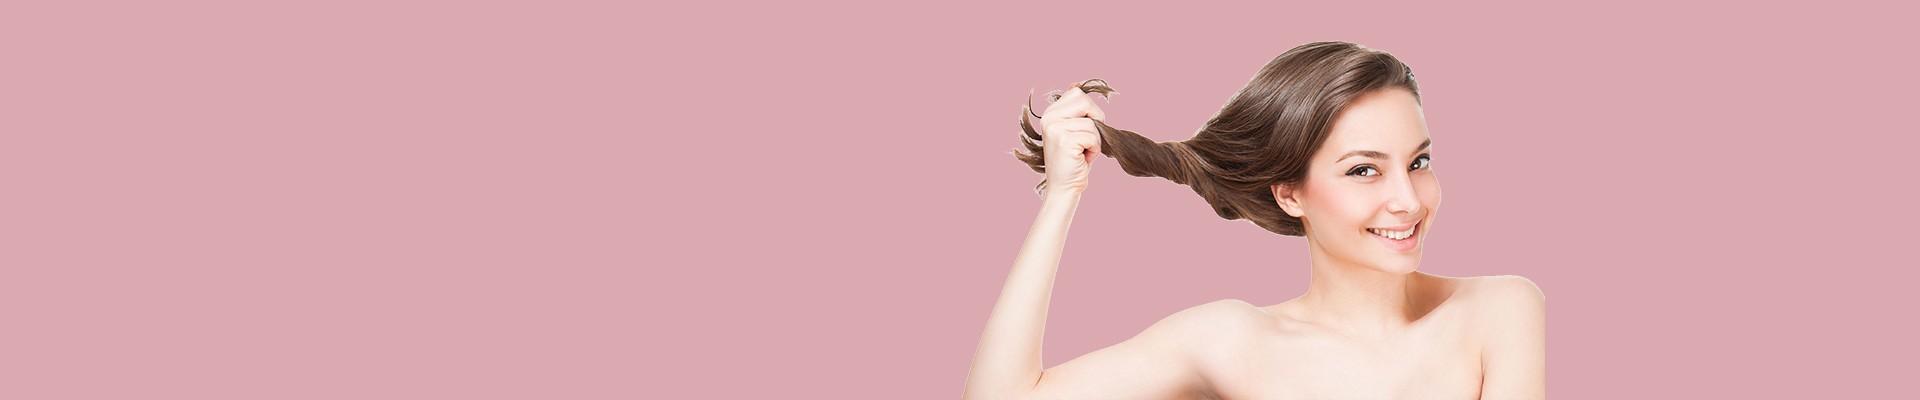 Jual Obat Penumbuh Rambut - Kualitas & Harga Terbaik